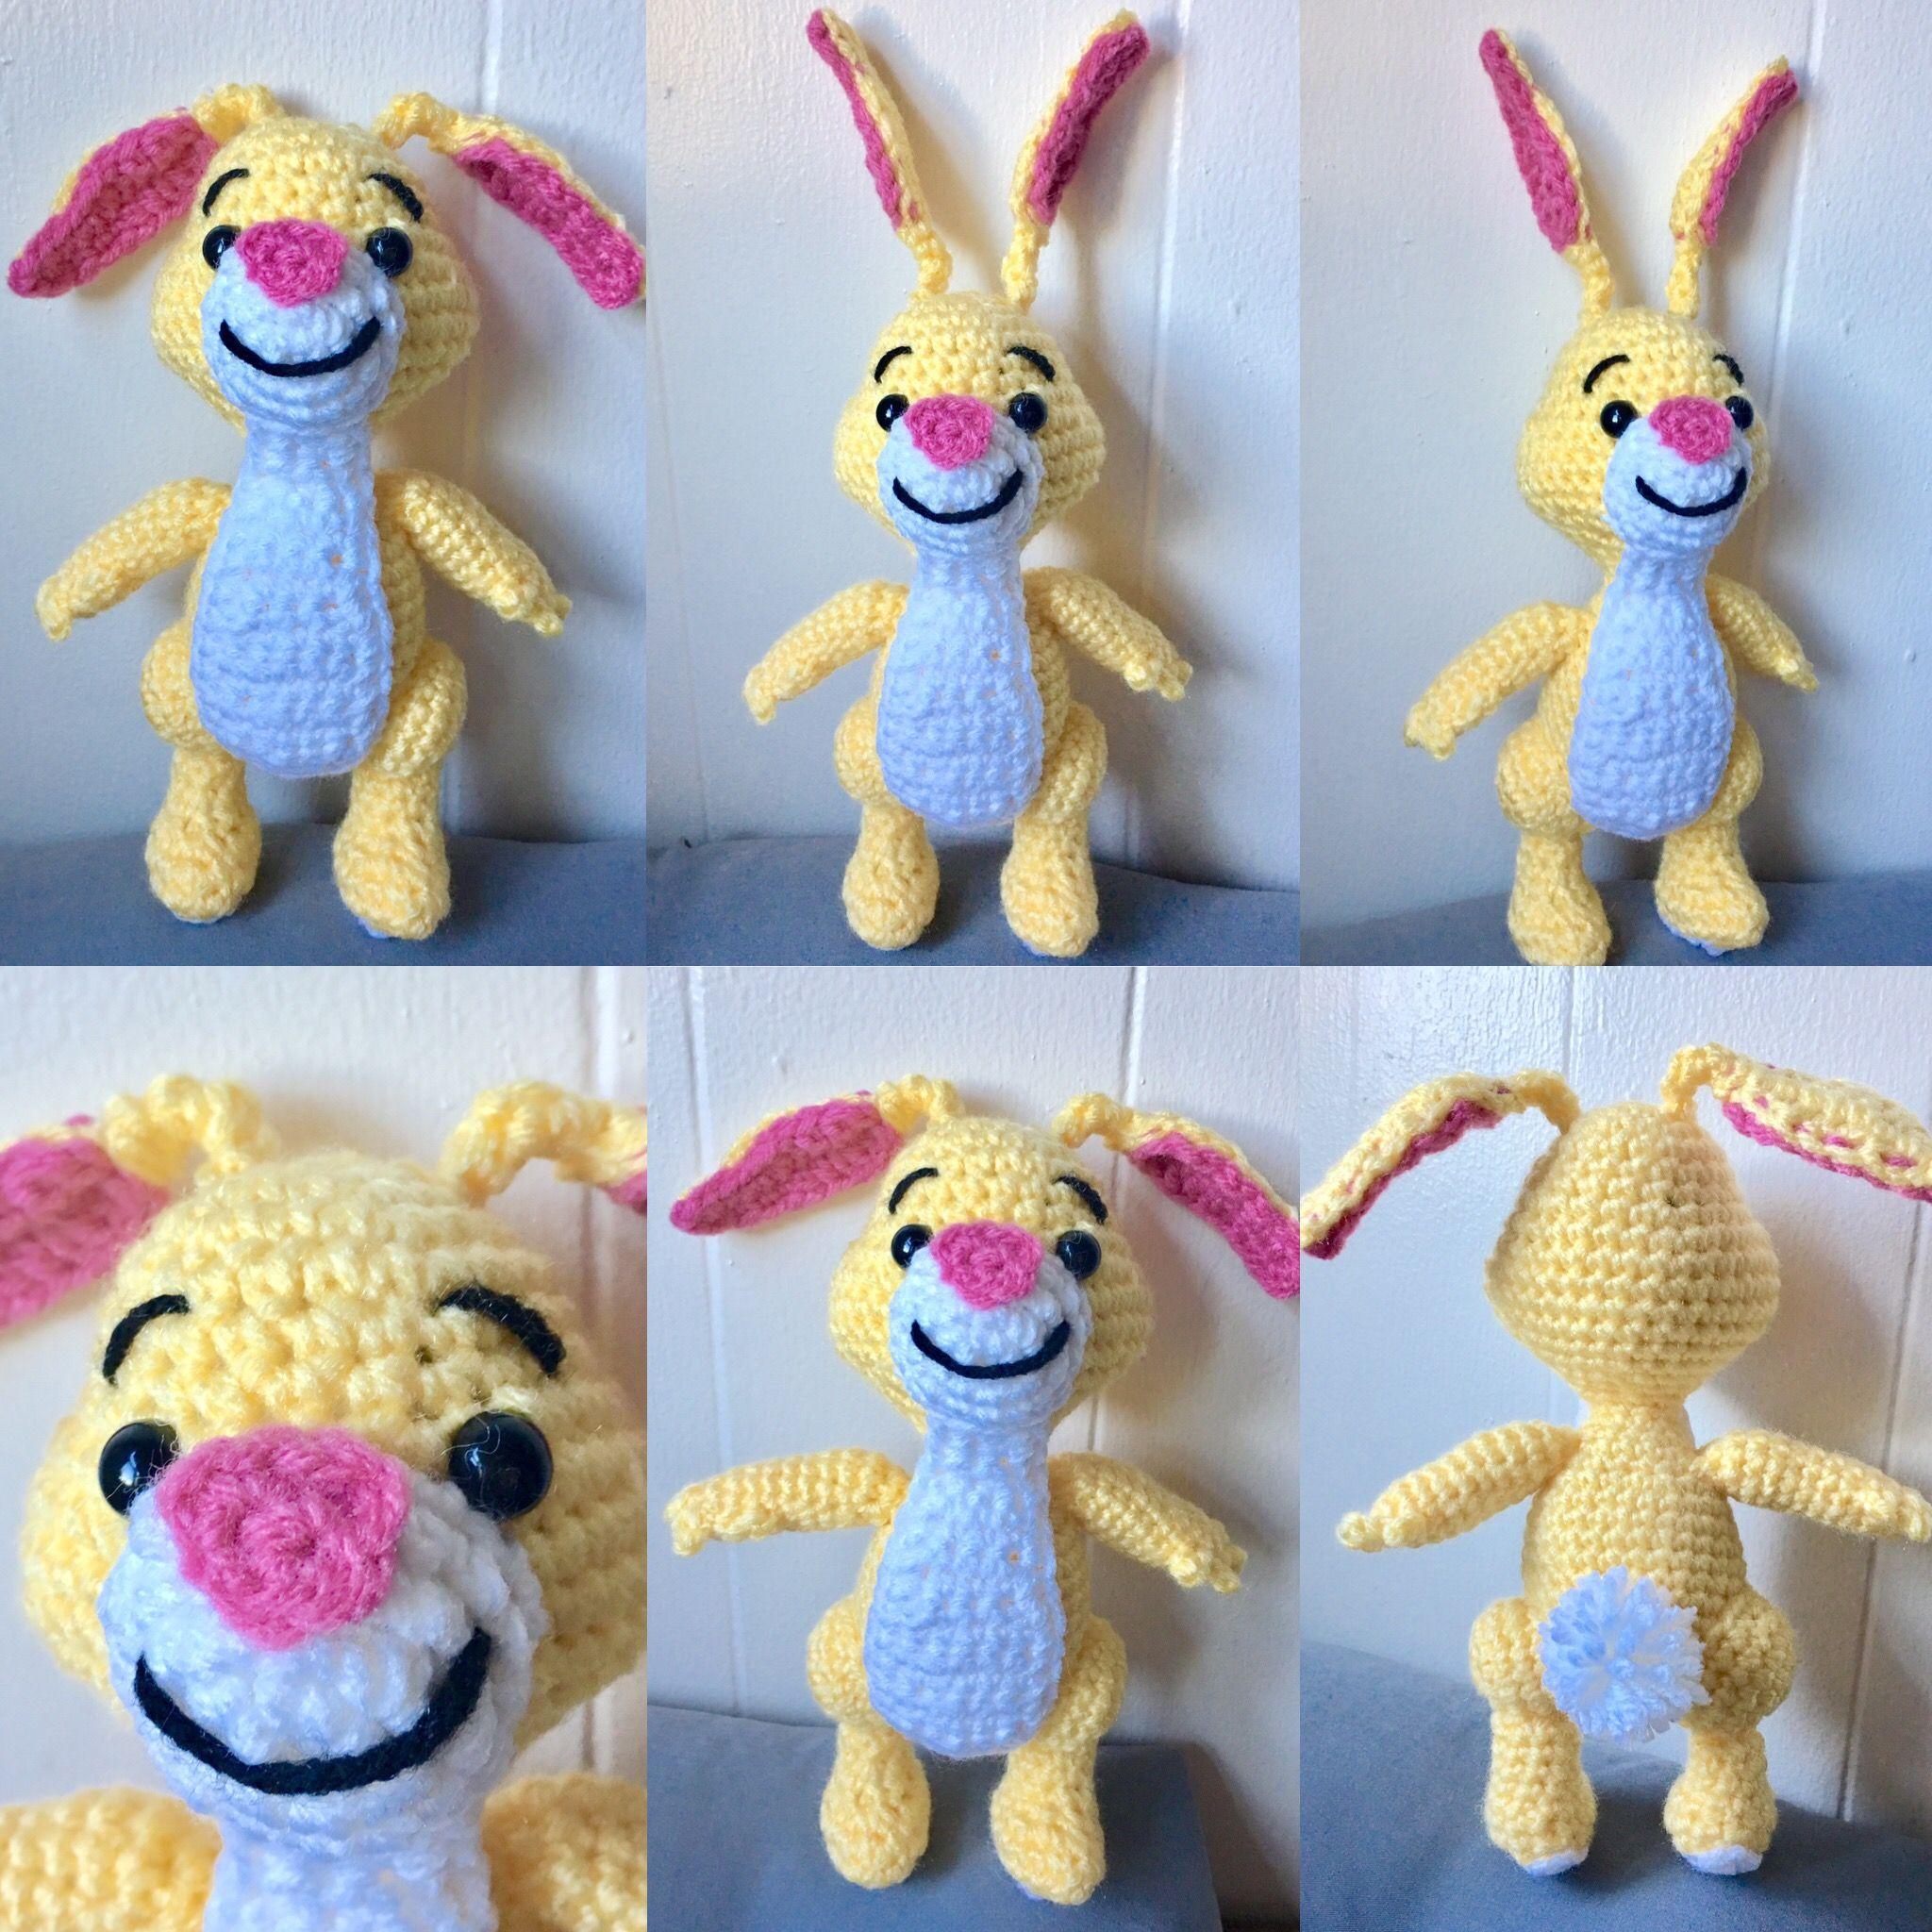 Crochet Amigurumi Winnie The Pooh free pattern knitted ideas - Mira | 2048x2048